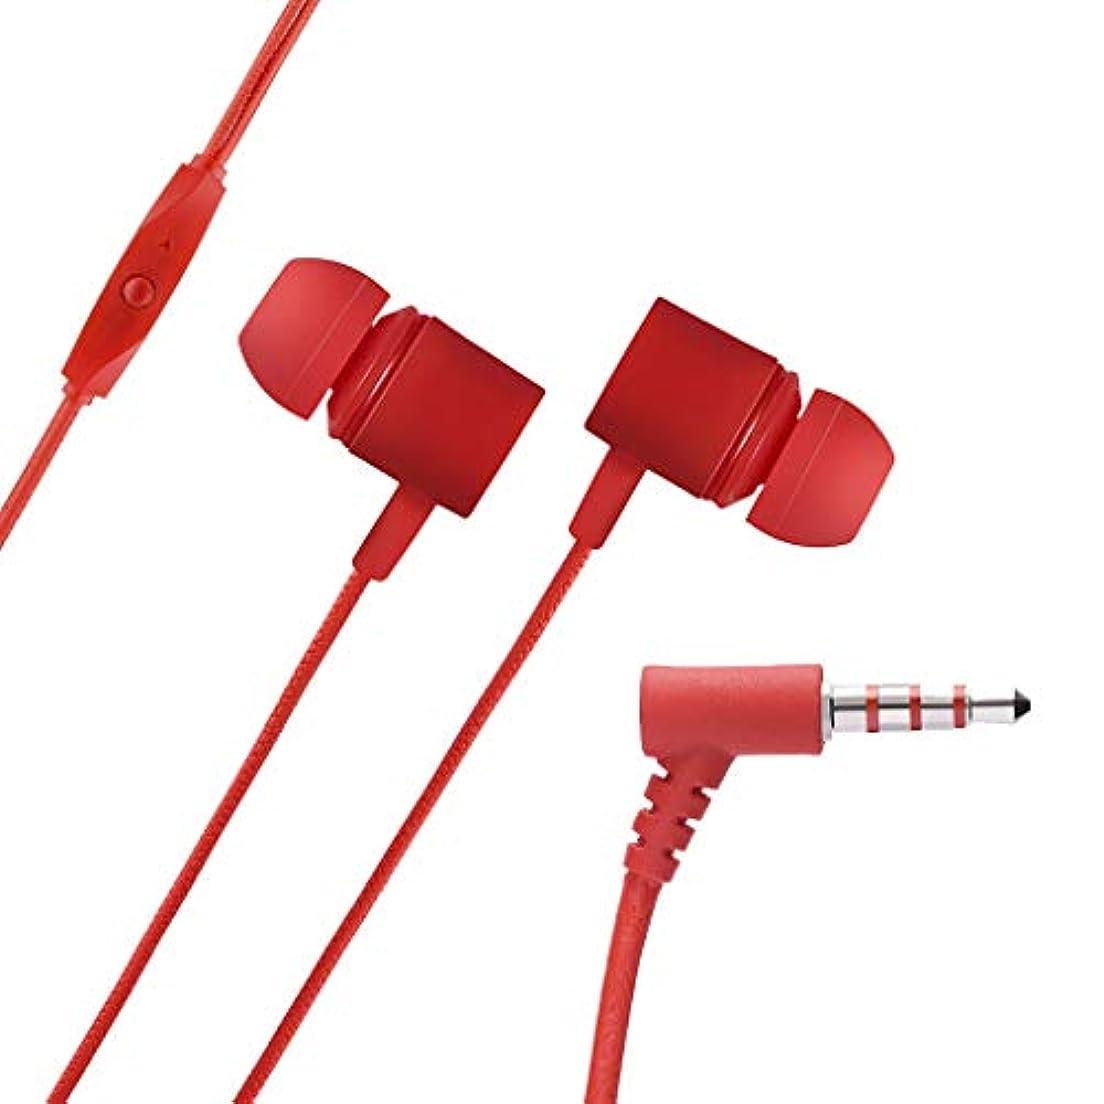 開梱予算飽和する有線イヤホンインイヤーステレオハイファイイヤホンベースイヤホンスポーツヘッドセット音楽ヘッドホン内蔵マイク 重低音 高音質 超軽量 高遮音性 騒音抑制